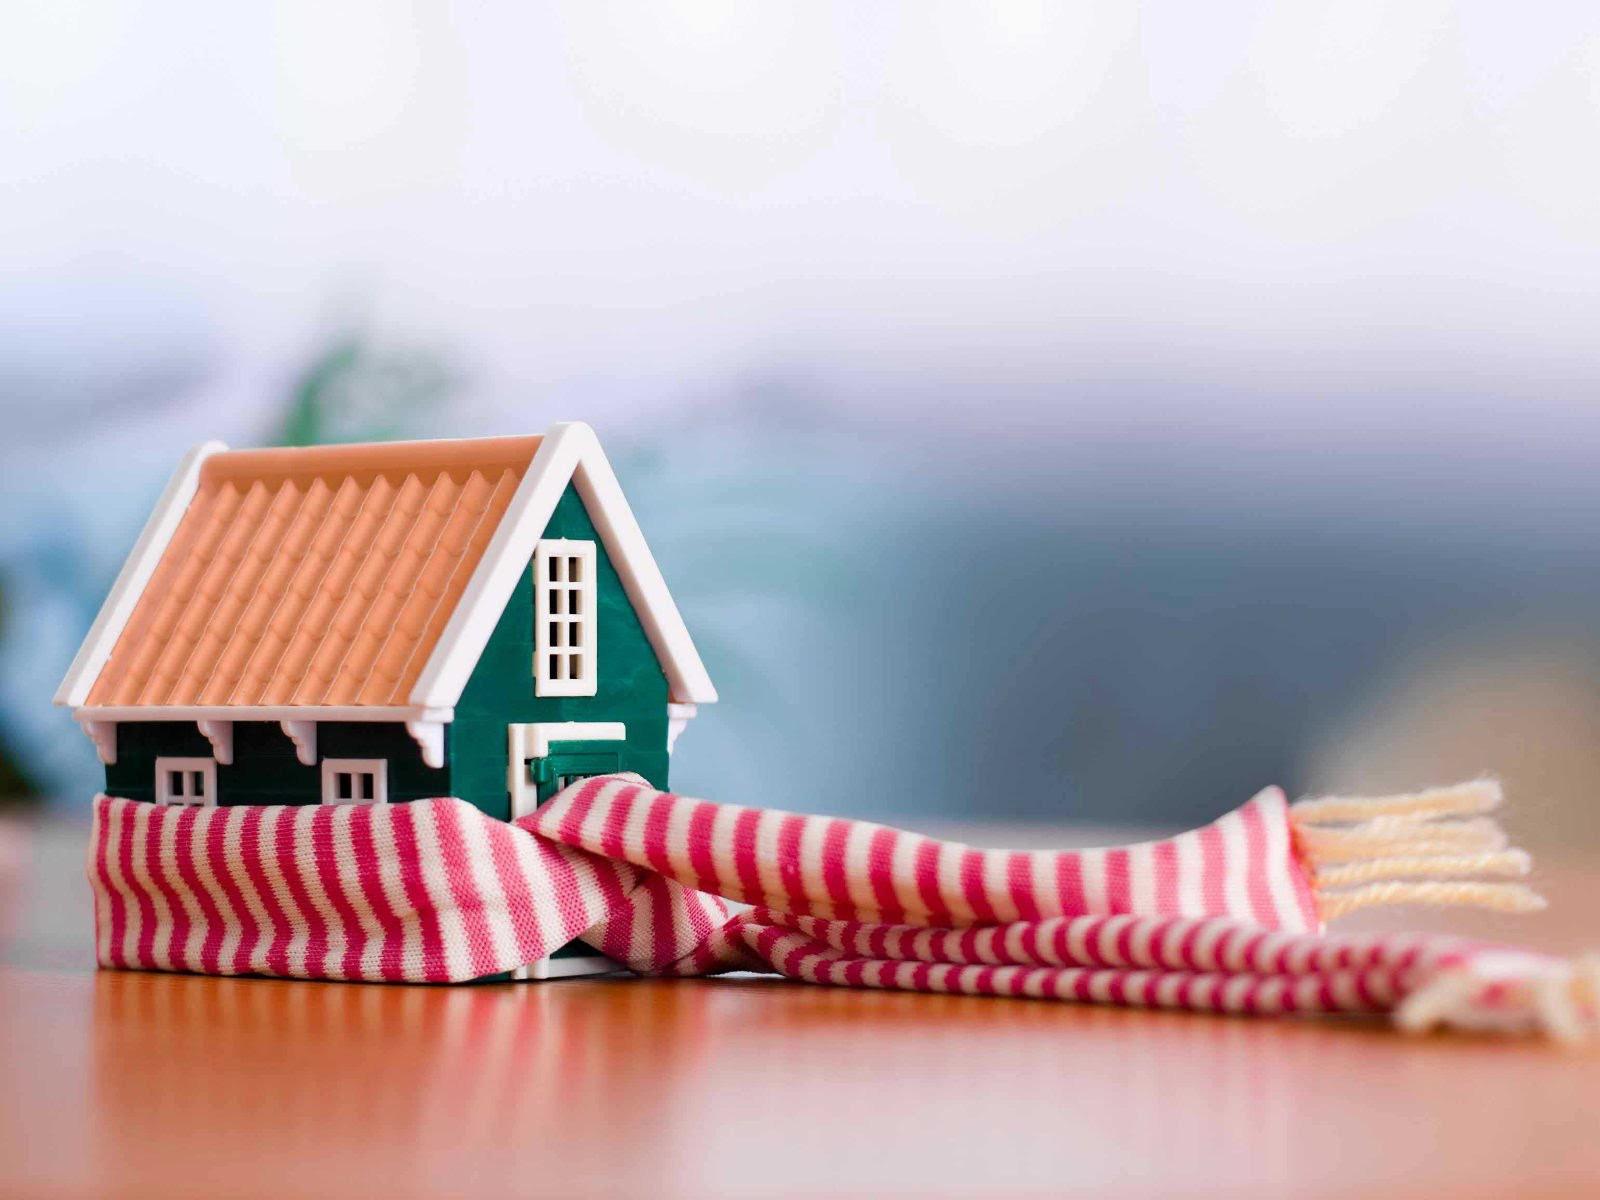 بالصور اعمال يدوية منزلية , اروع الاعمال اليدوية المنزلية 3688 12